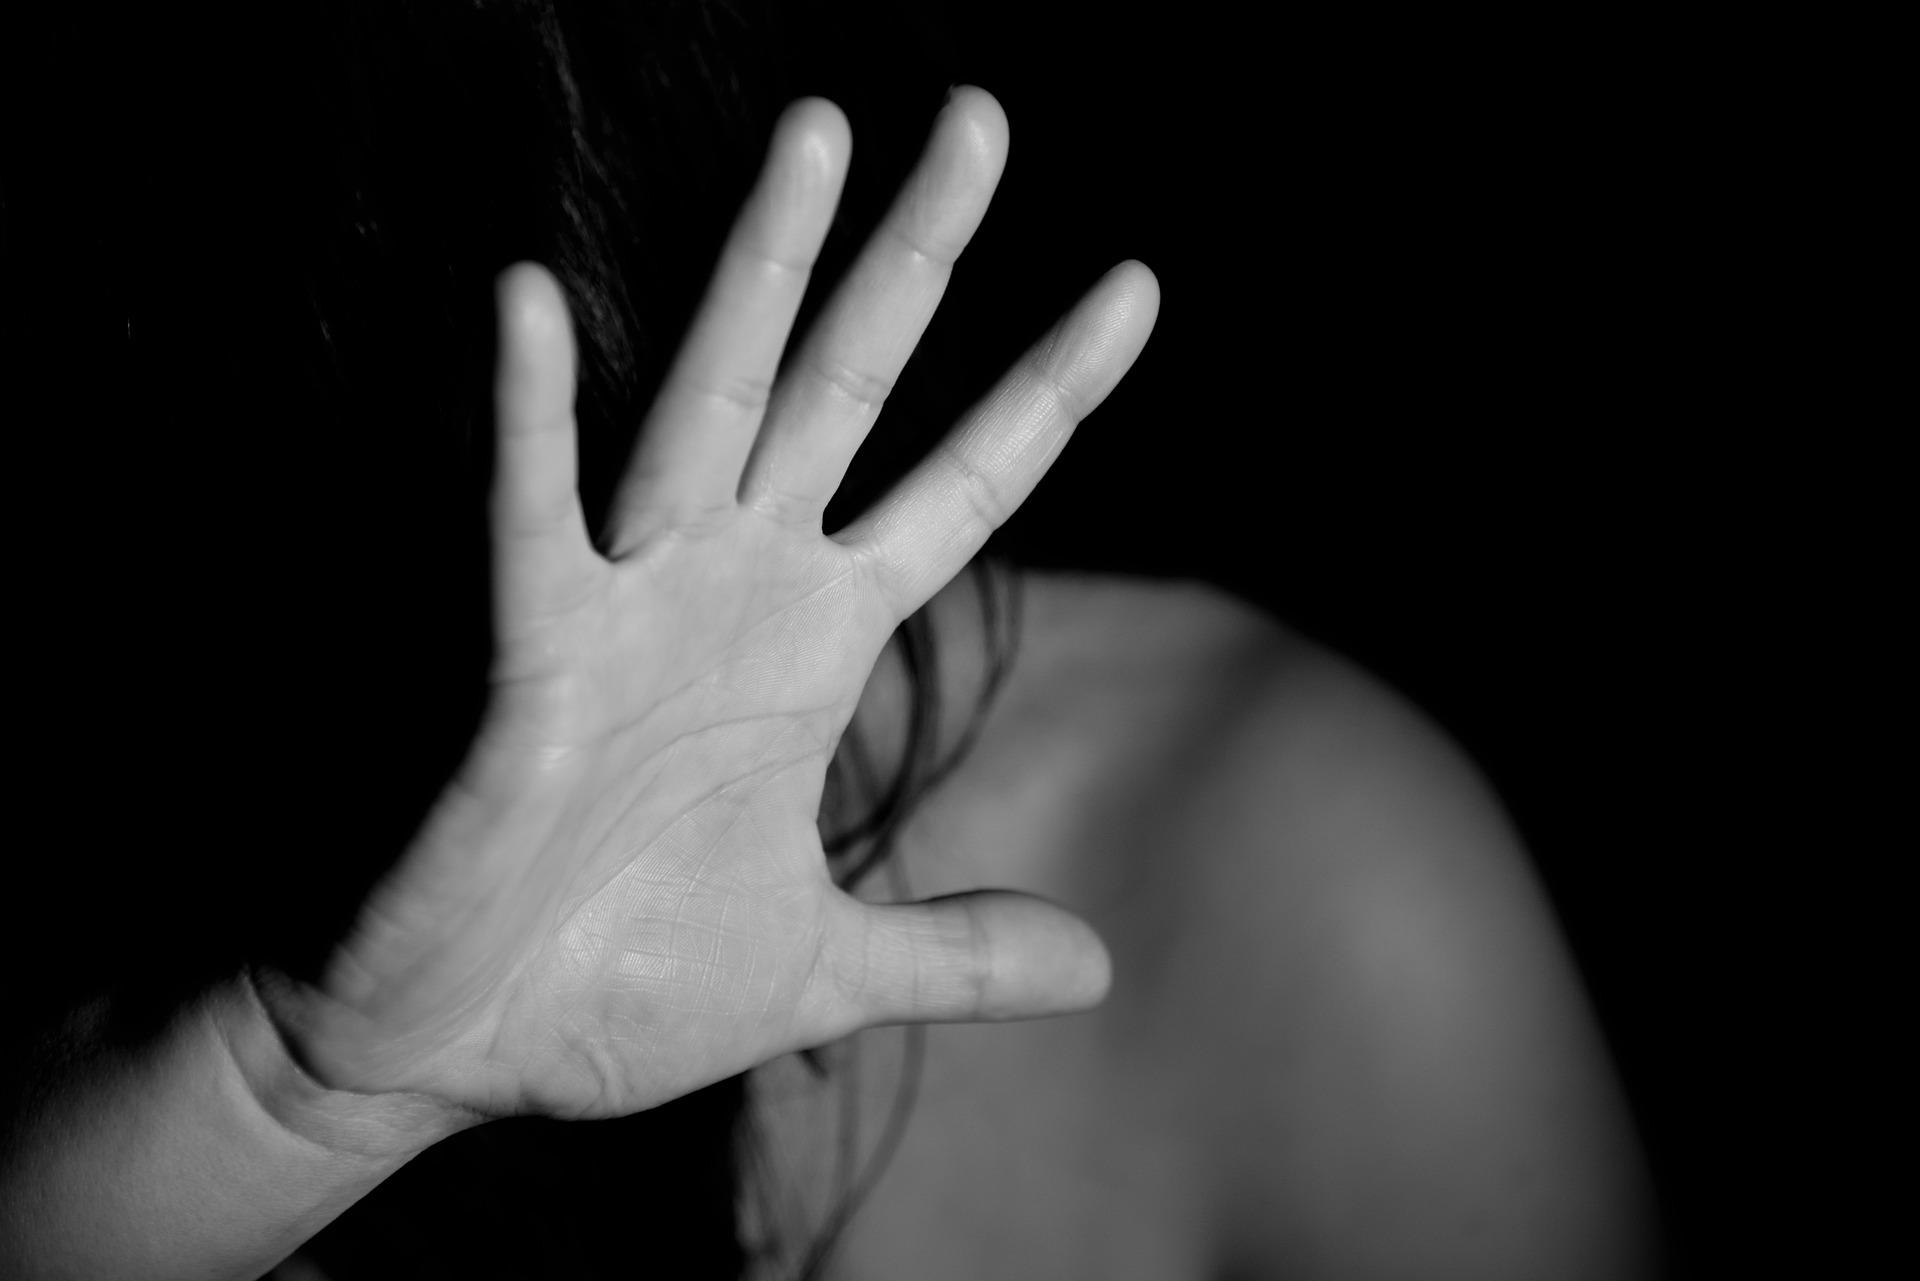 NOVA LEI: COMBATE À VIOLÊNCIA CONTRA MULHER FARÁ PARTE DOS CURRÍCULOS ESCOLARES